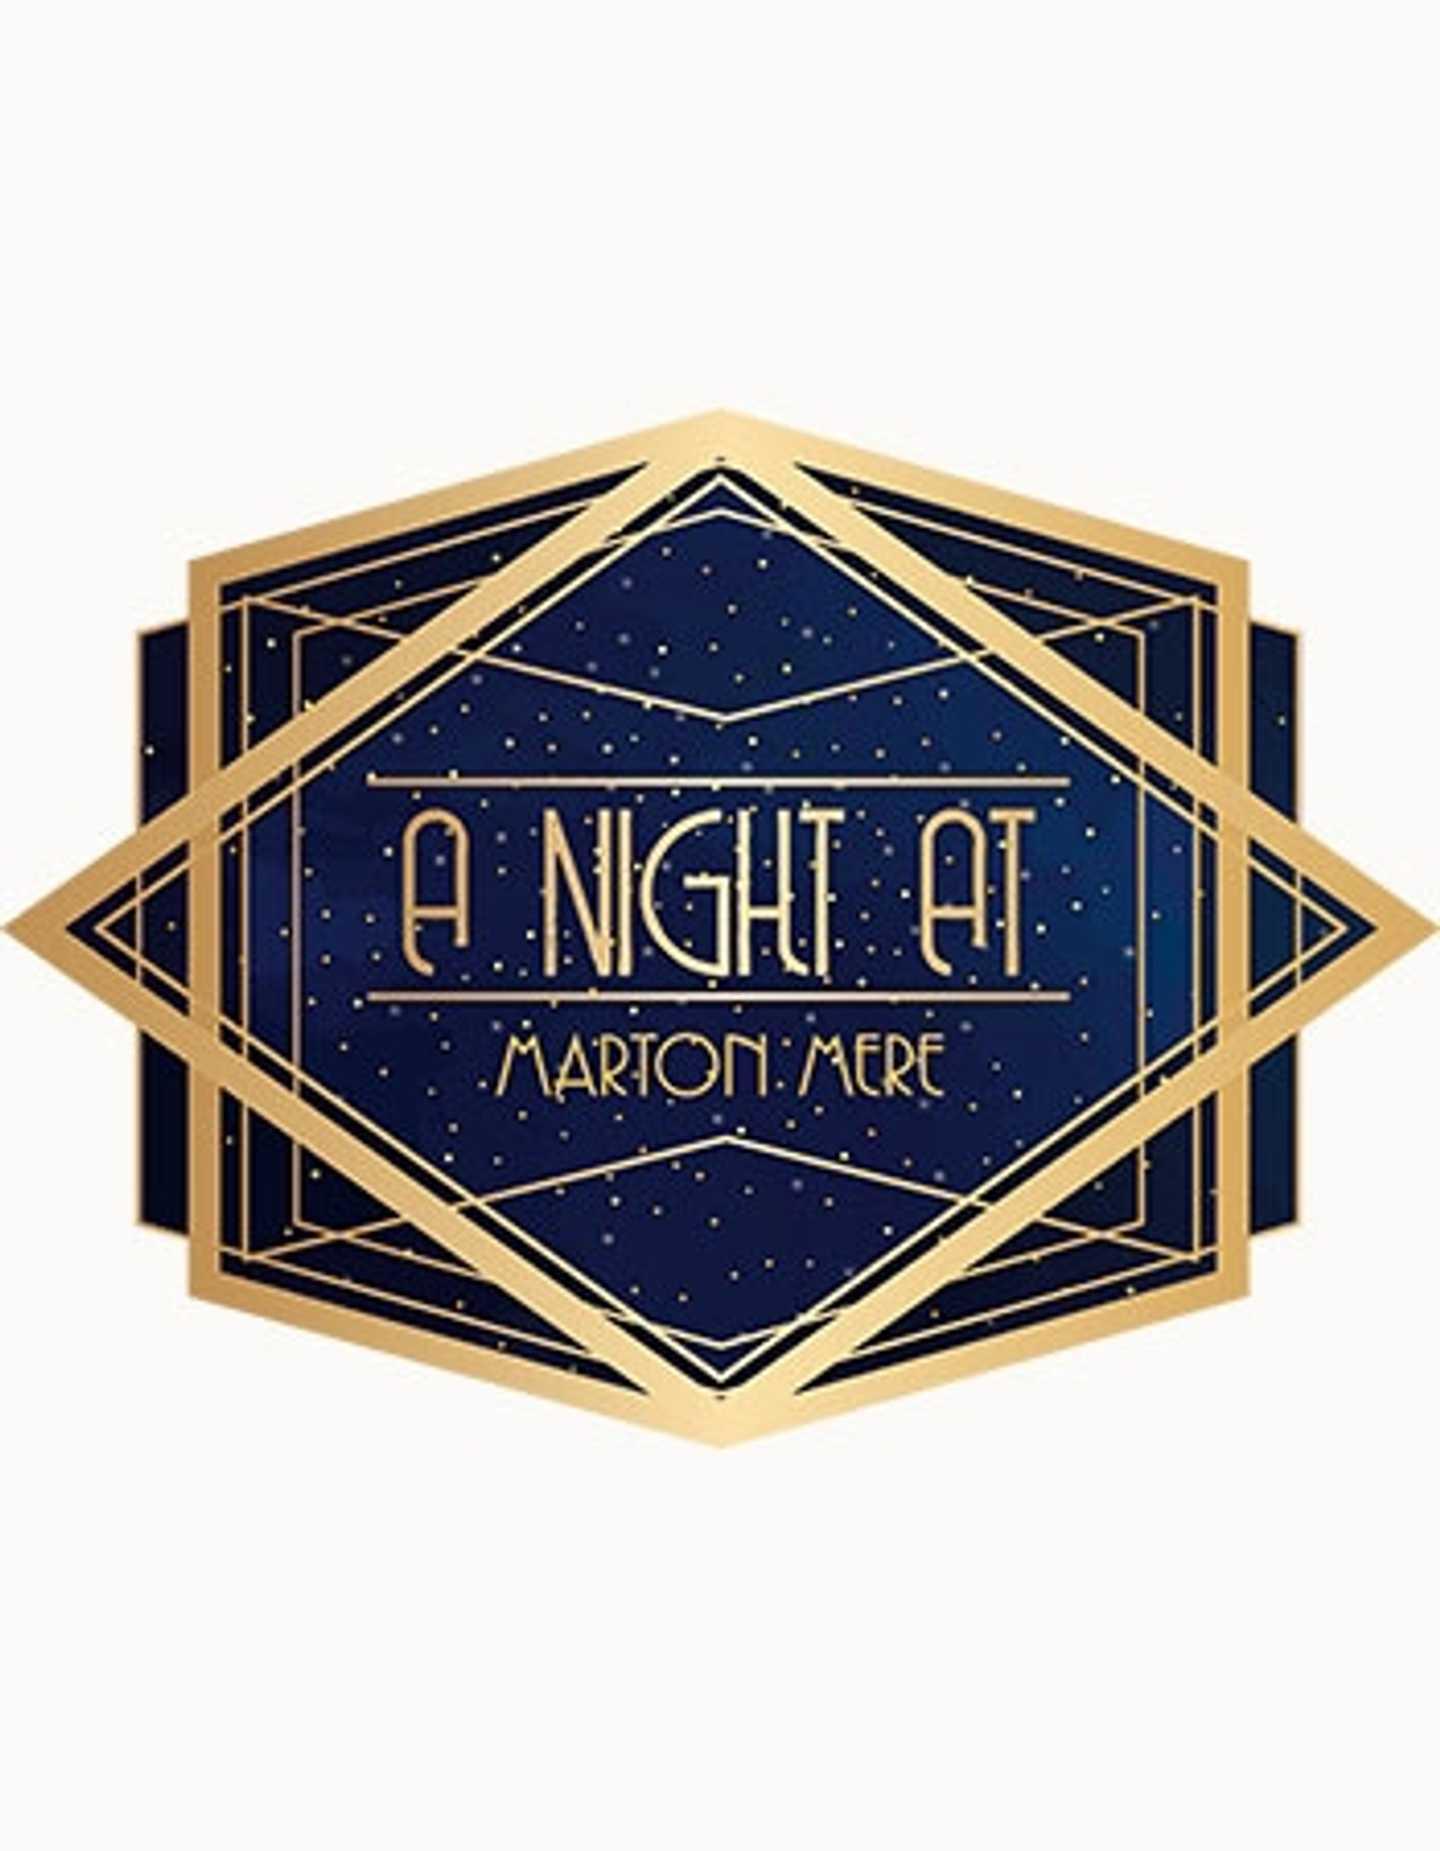 A night @ Marton Mere